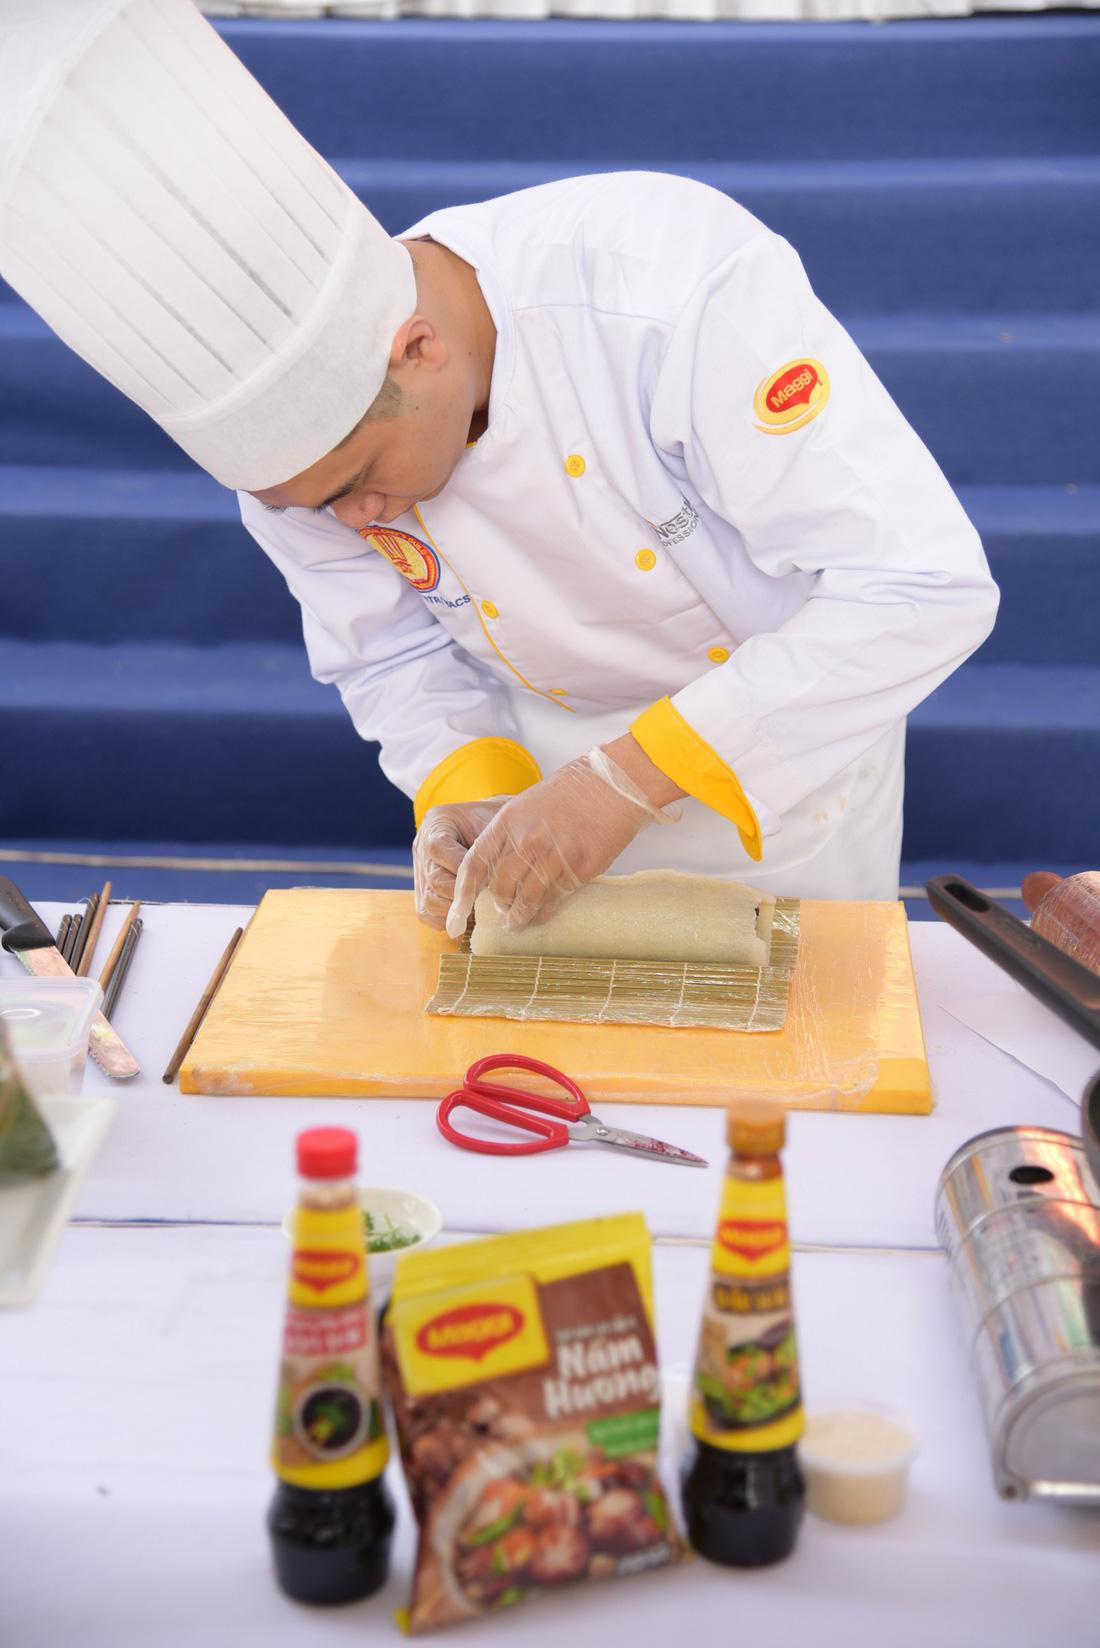 Vạn Ý Nghĩa vào top 50 món chiên ngon đặc sắc nhất Việt Nam - Ảnh 3.